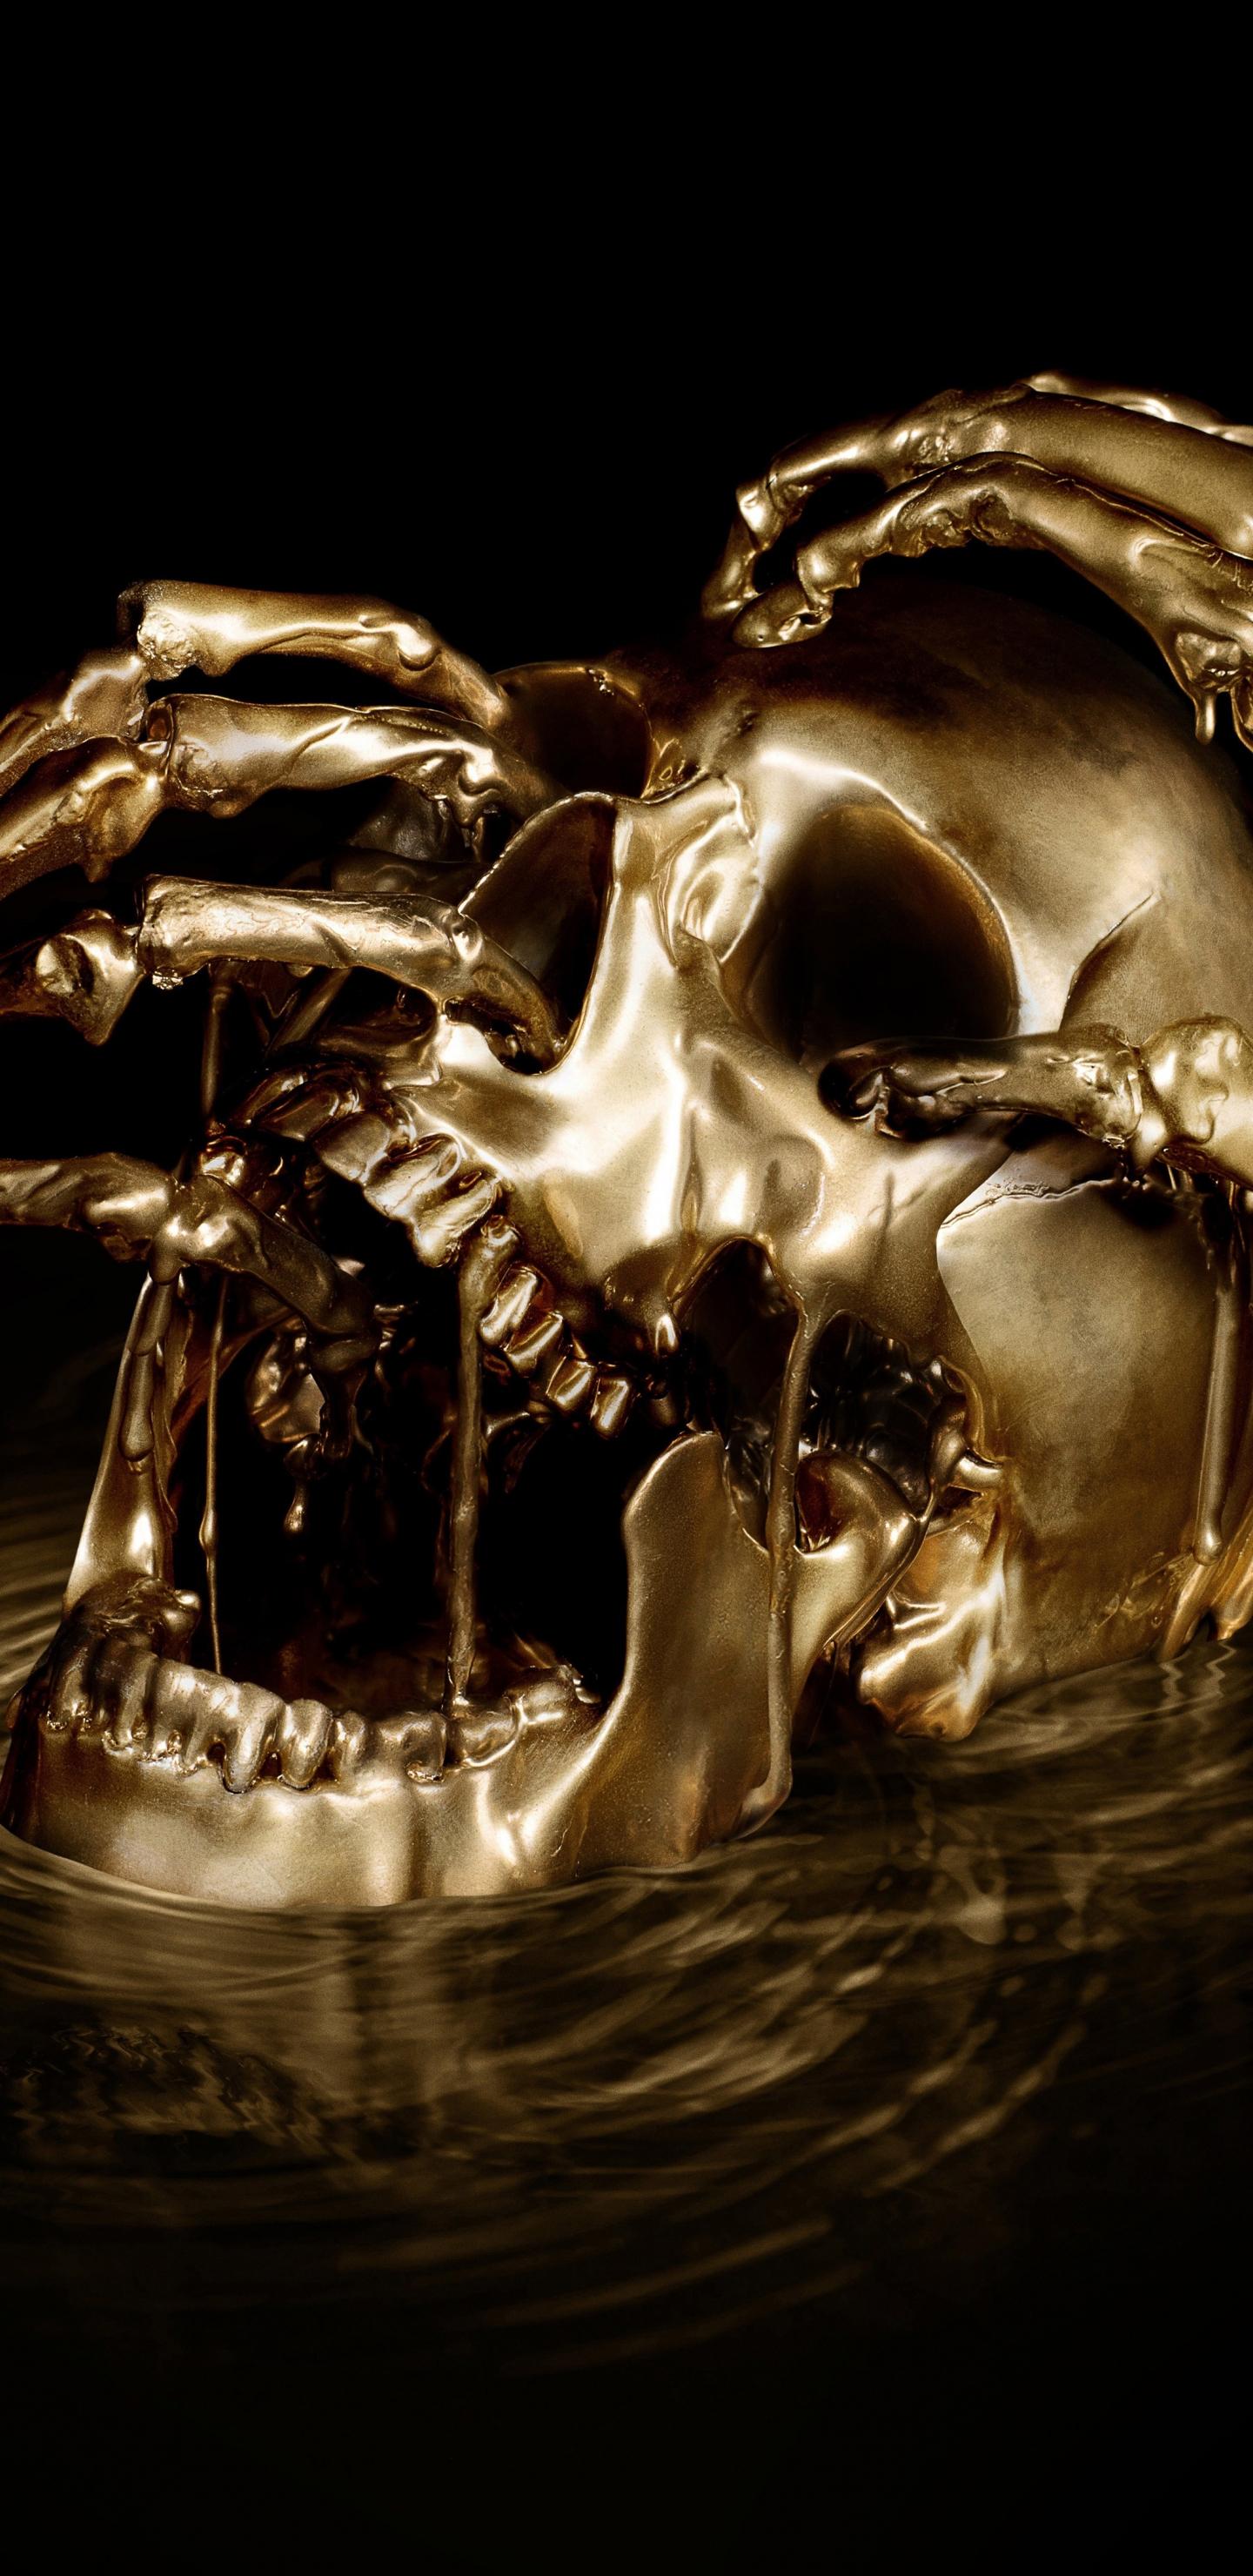 Download 1440x2960 Wallpaper Skull Horror Black Sails